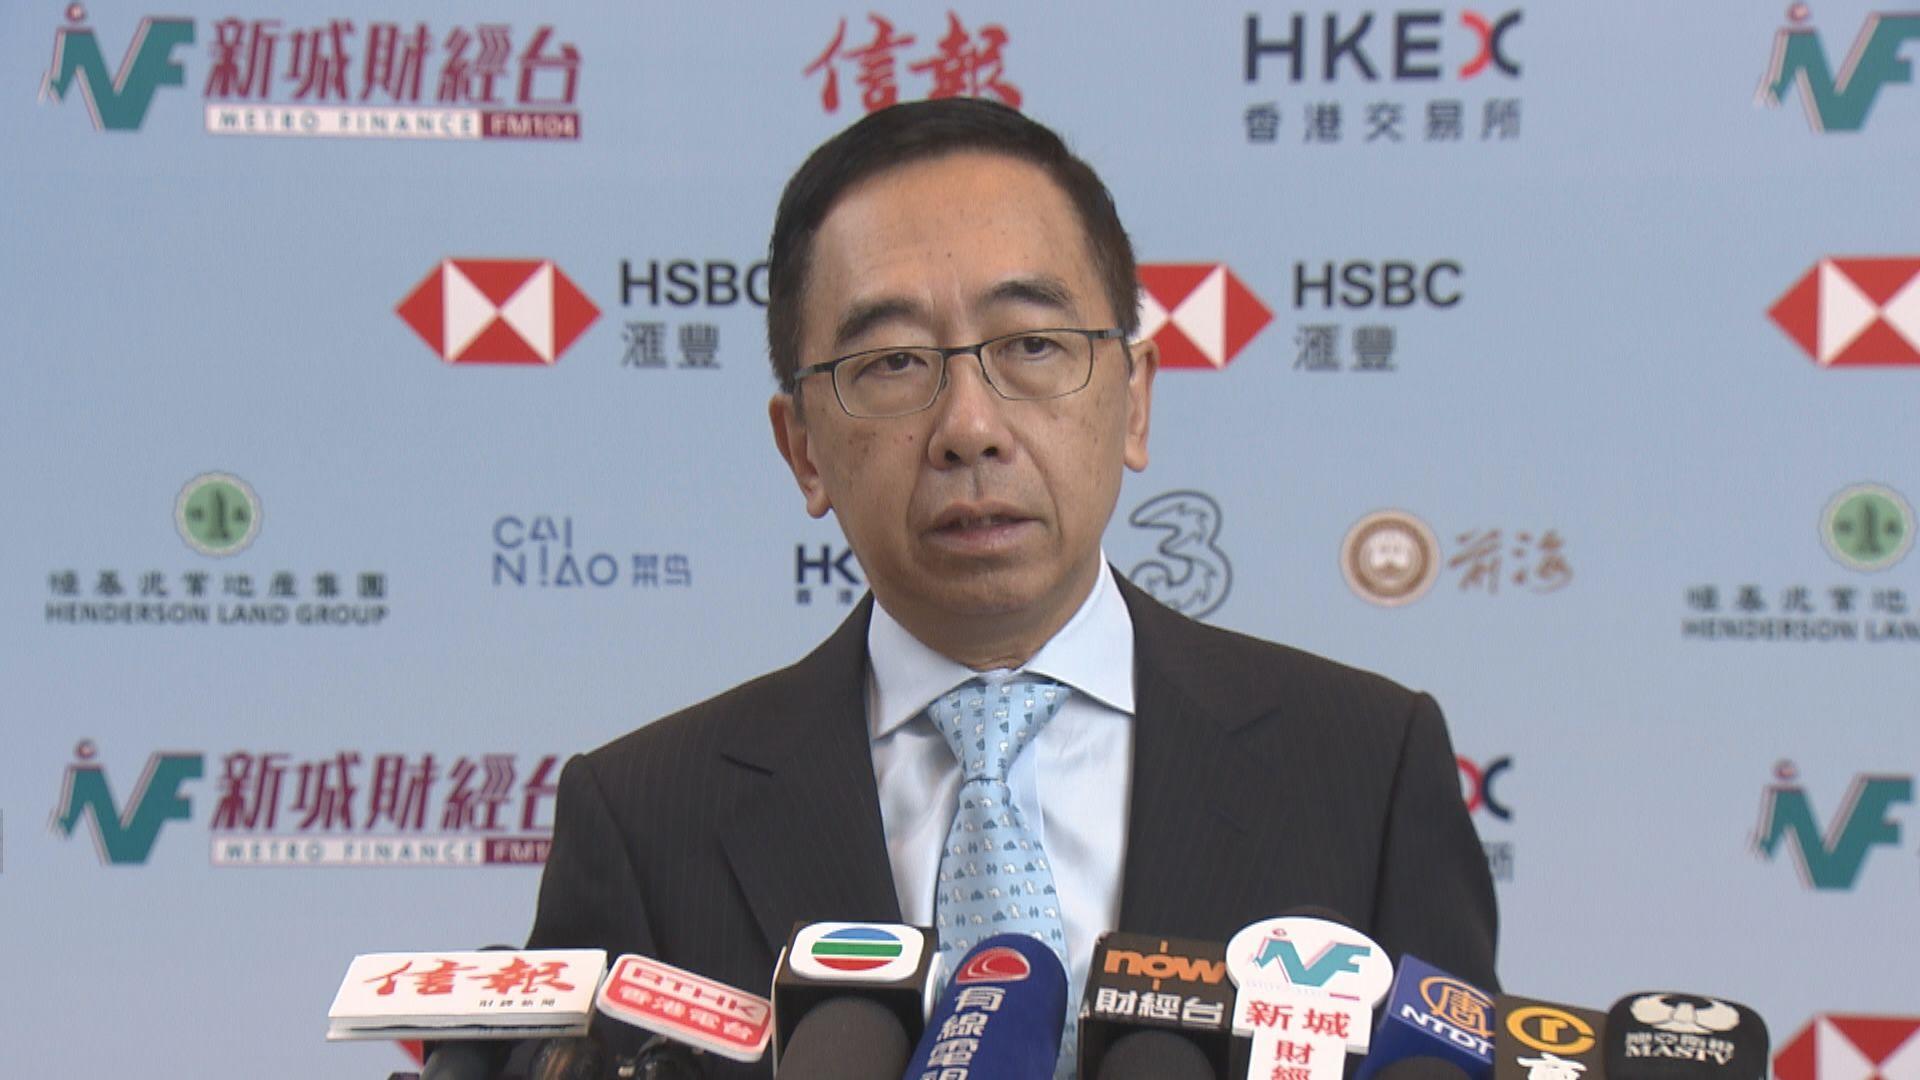 香港總商會任命梁兆基為總裁